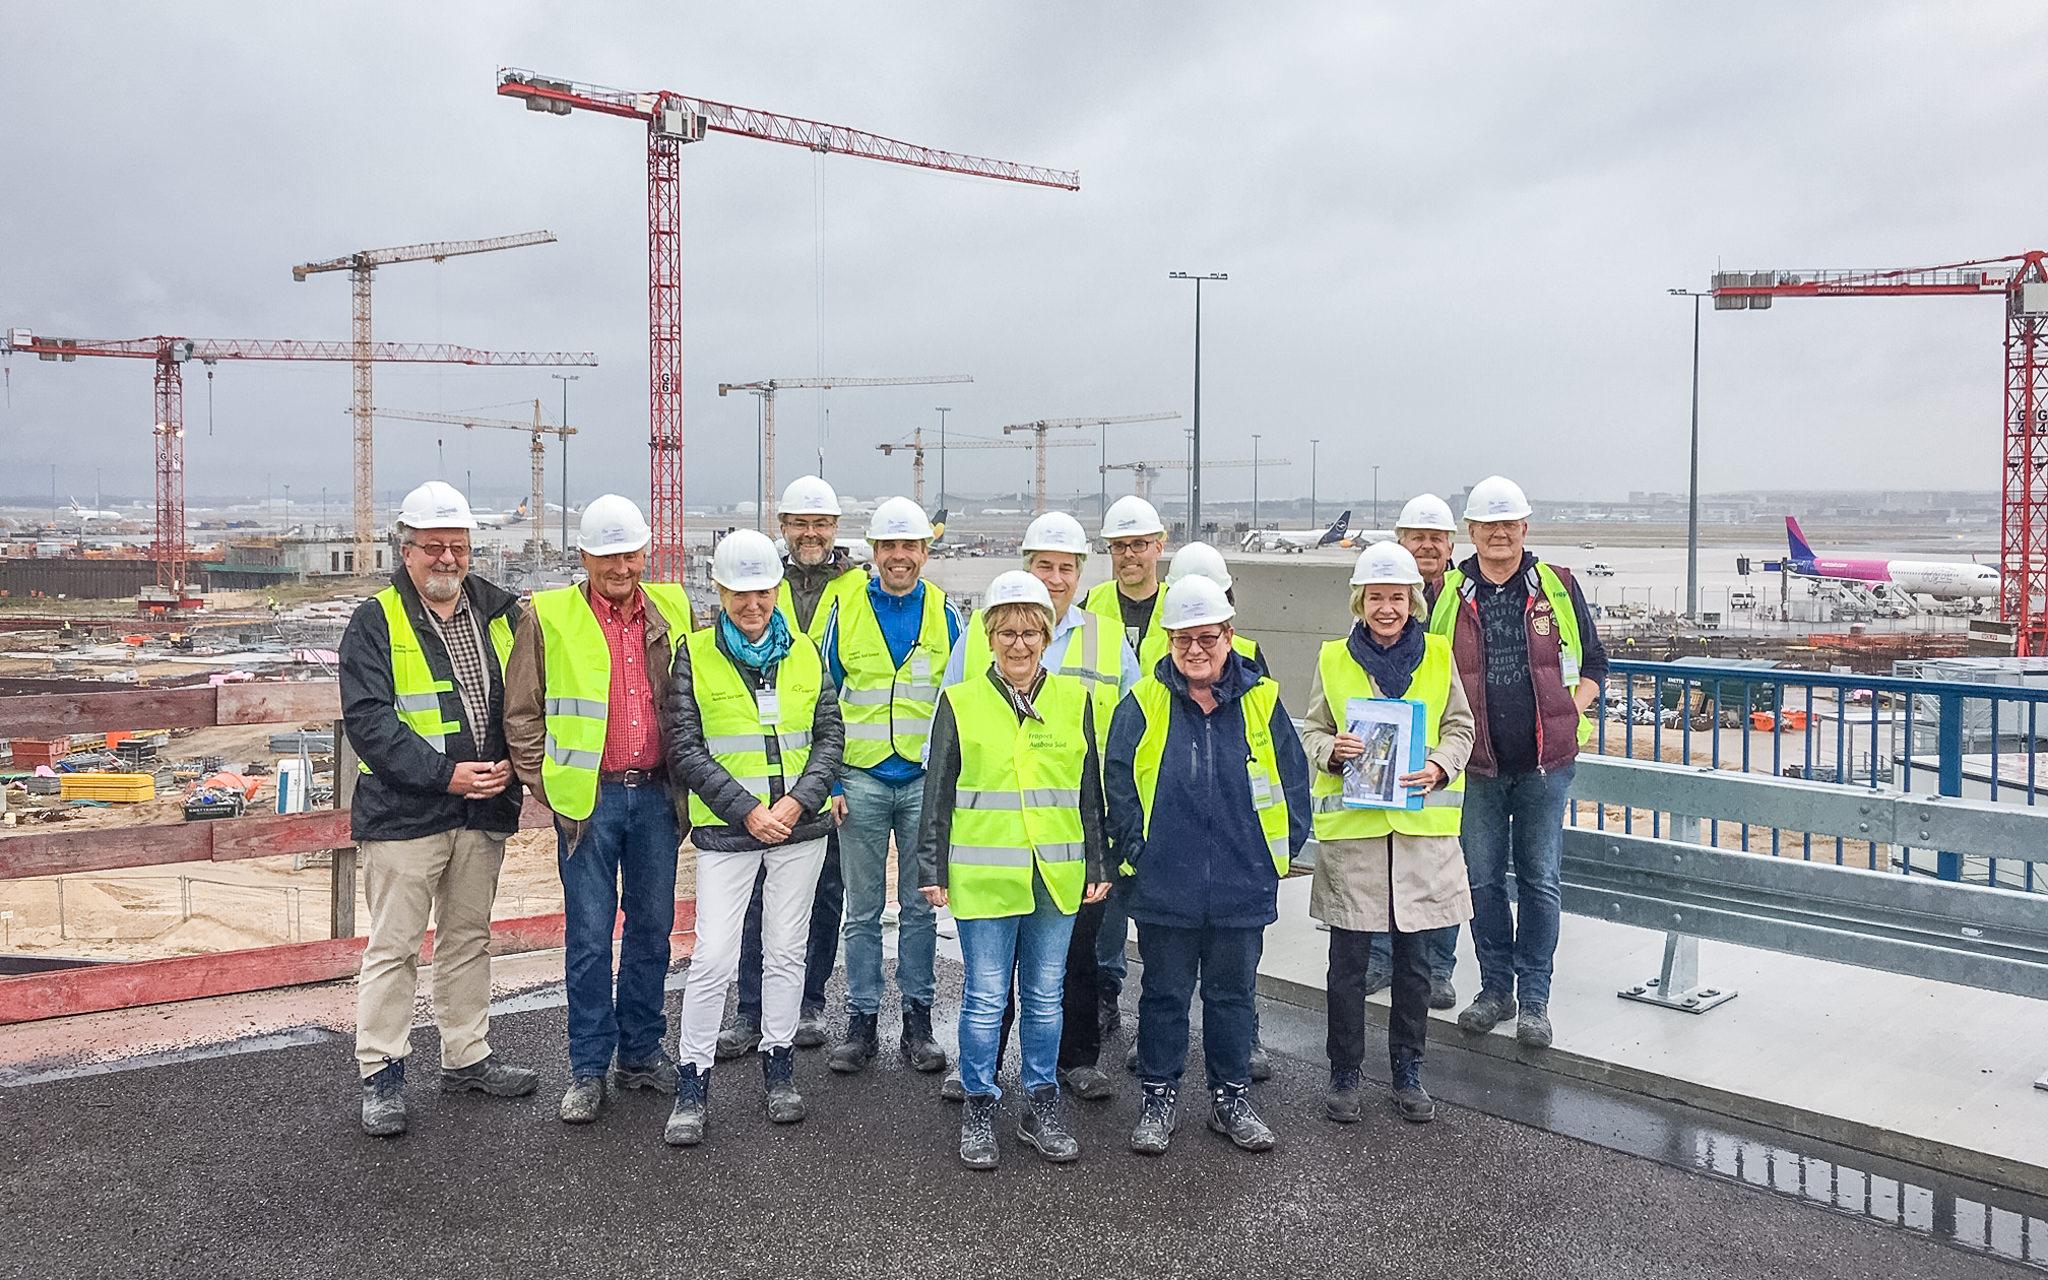 Besuchergruppe auf der Großbaustelle für das Terminal 3 am Frankfurter Flughafen.